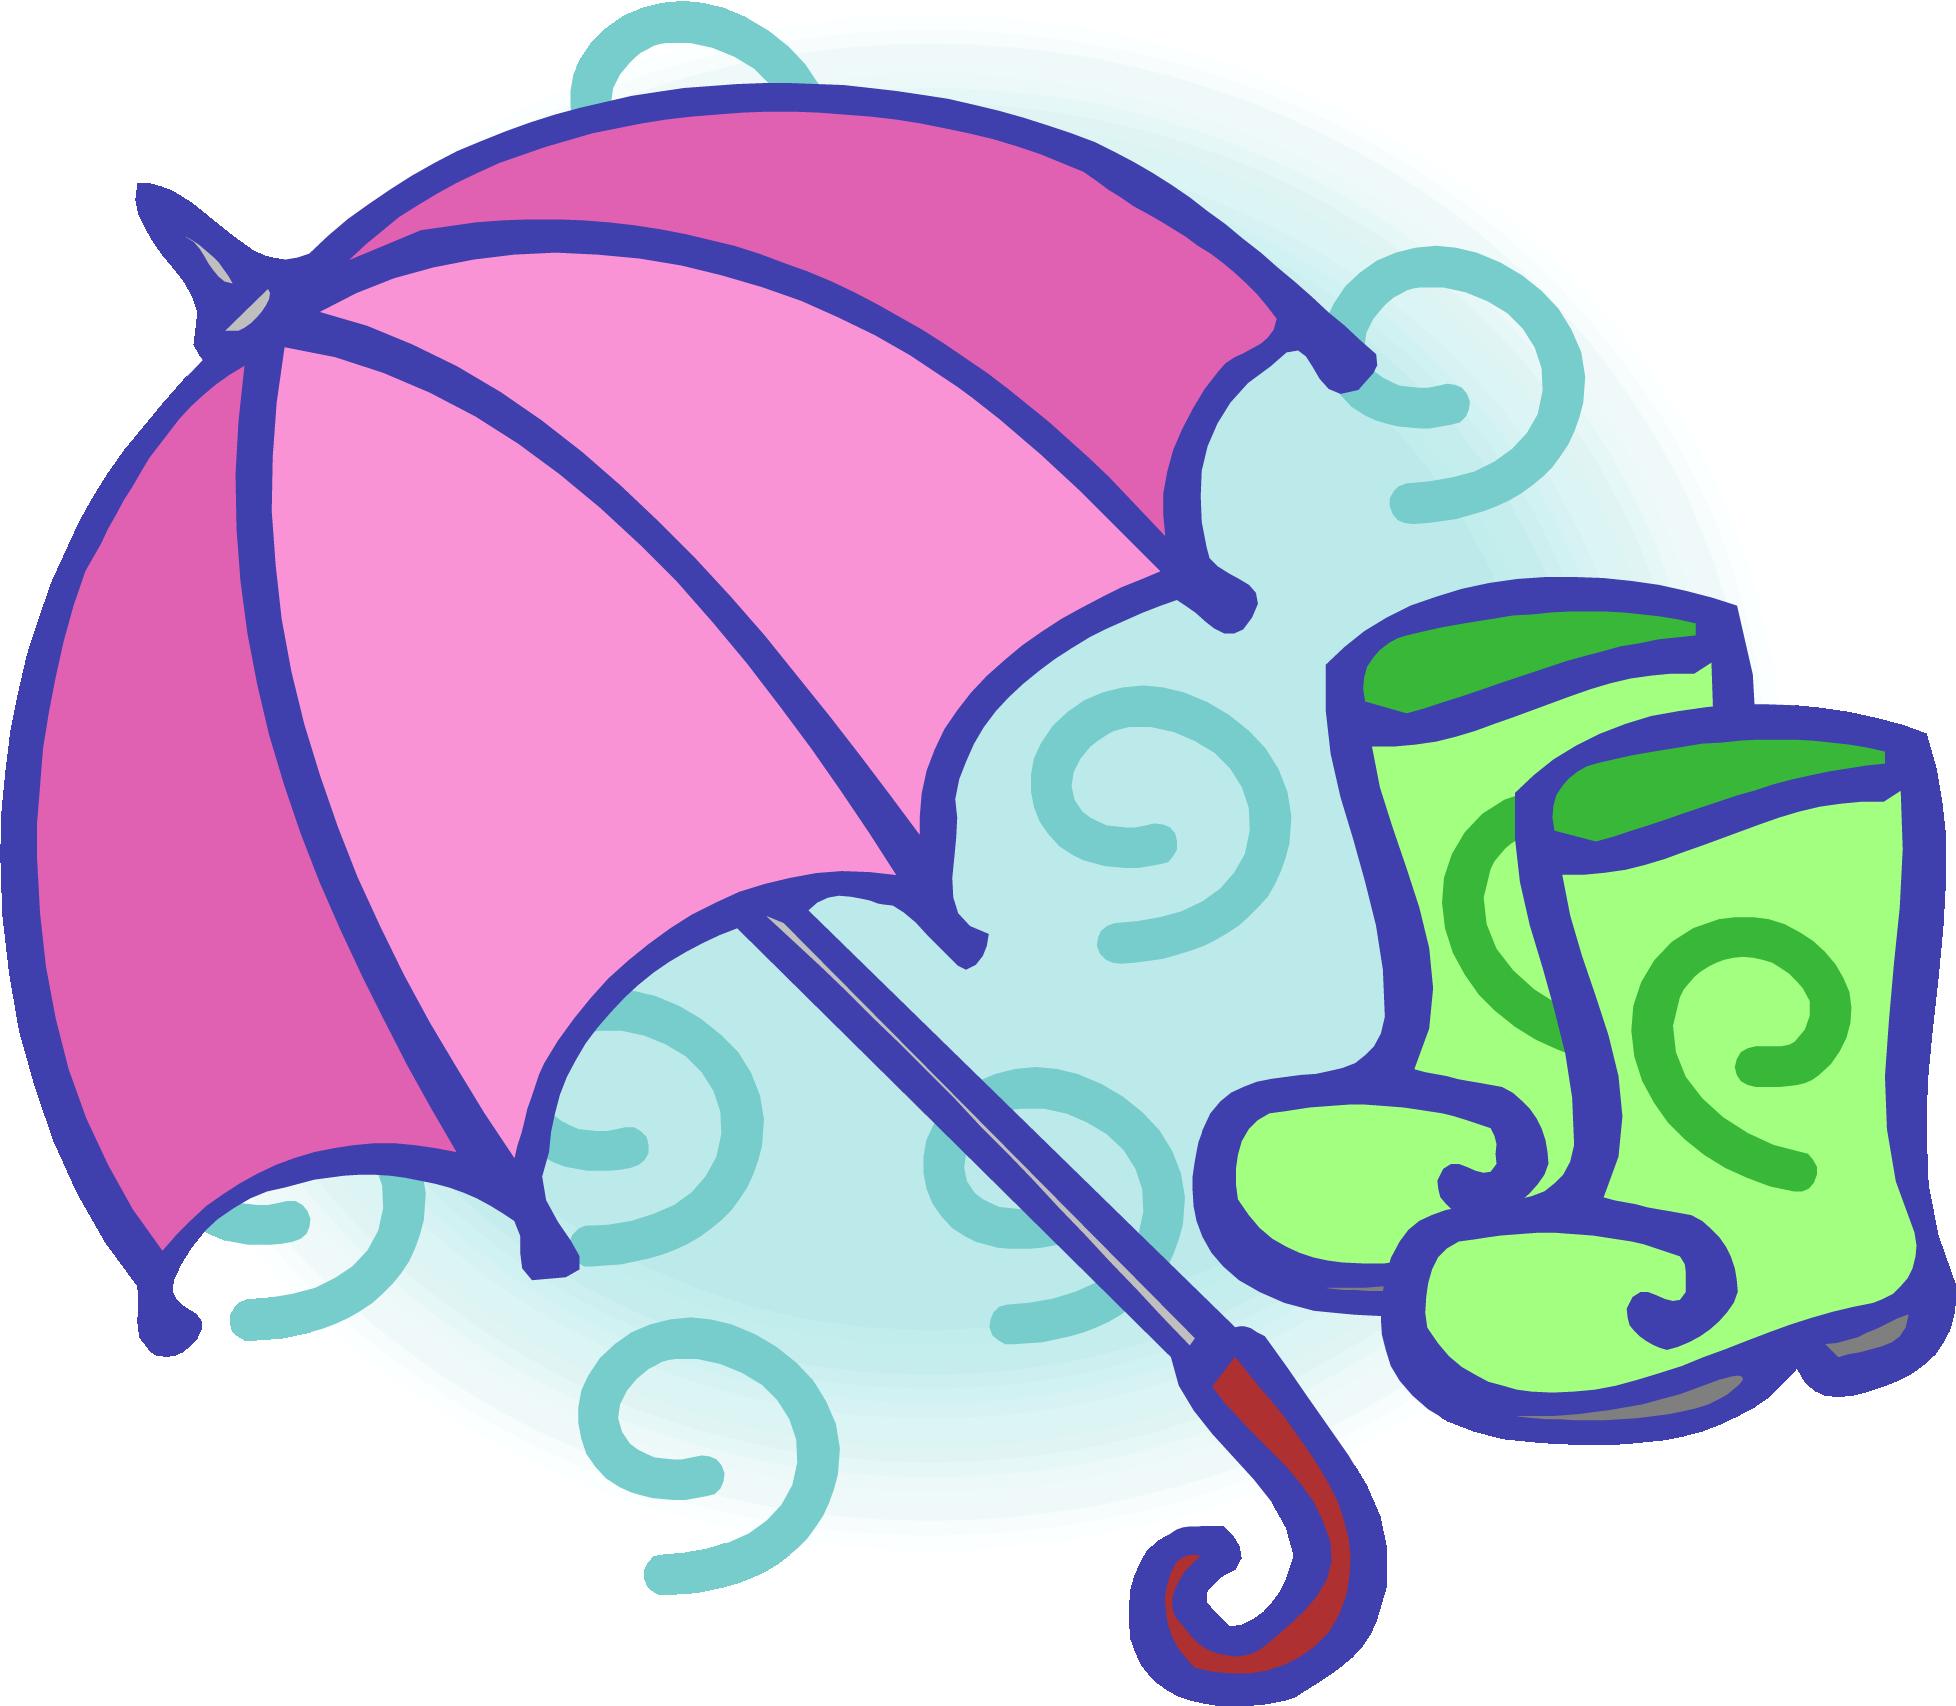 Transparent rain boots clip art - Red Green Rain 1956 1706 Transprent Png Free Download - Umbrella And Rain Boots Clip Art